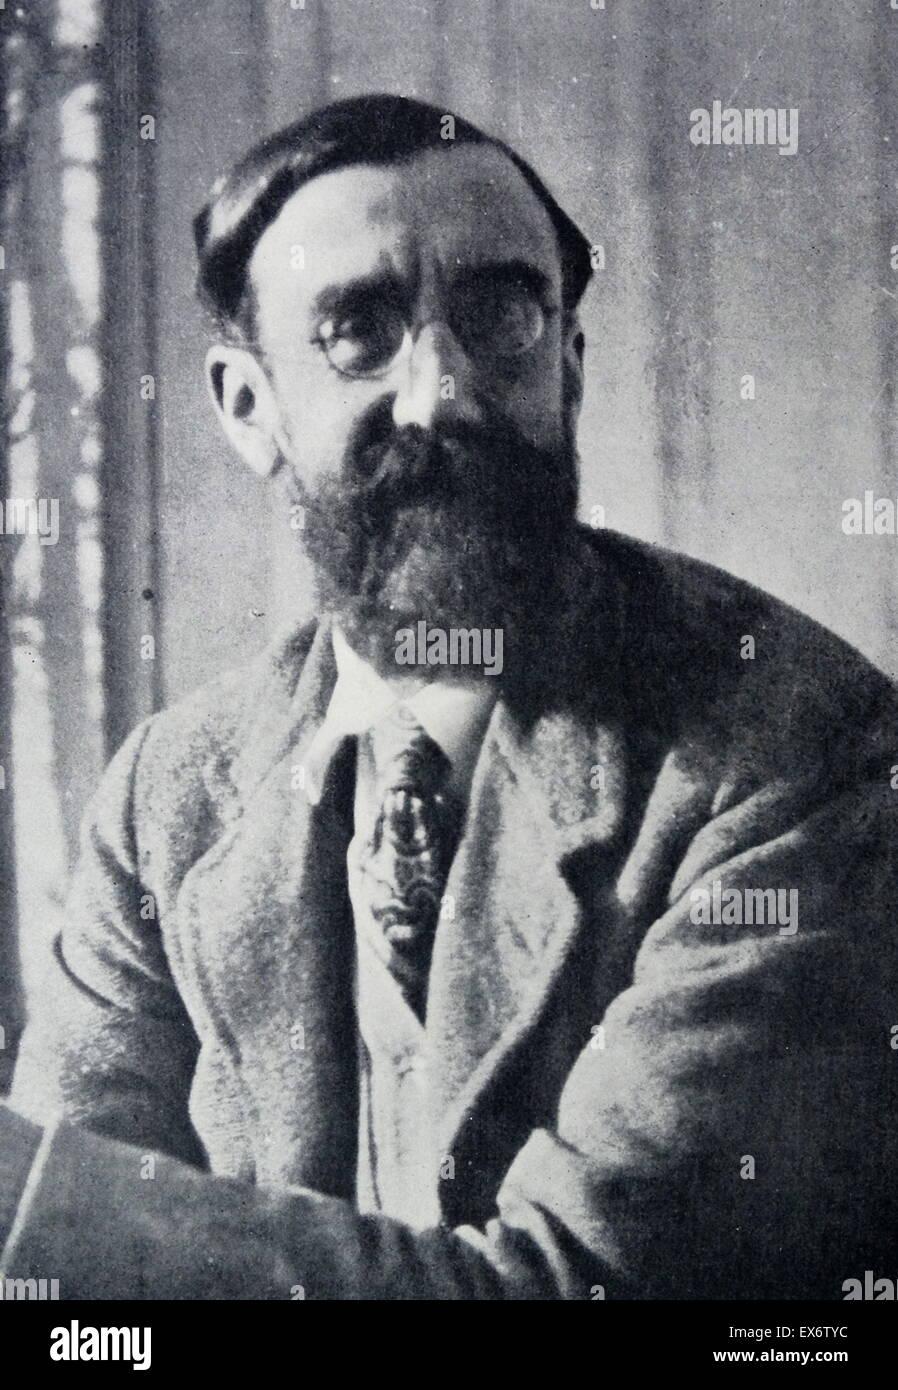 Giles Lytton Strachey 1880-1932. Écrivain et critique britannique. Membre fondateur du Bloomsbury Group et auteur de personnalités de l'époque victorienne 1928 Banque D'Images